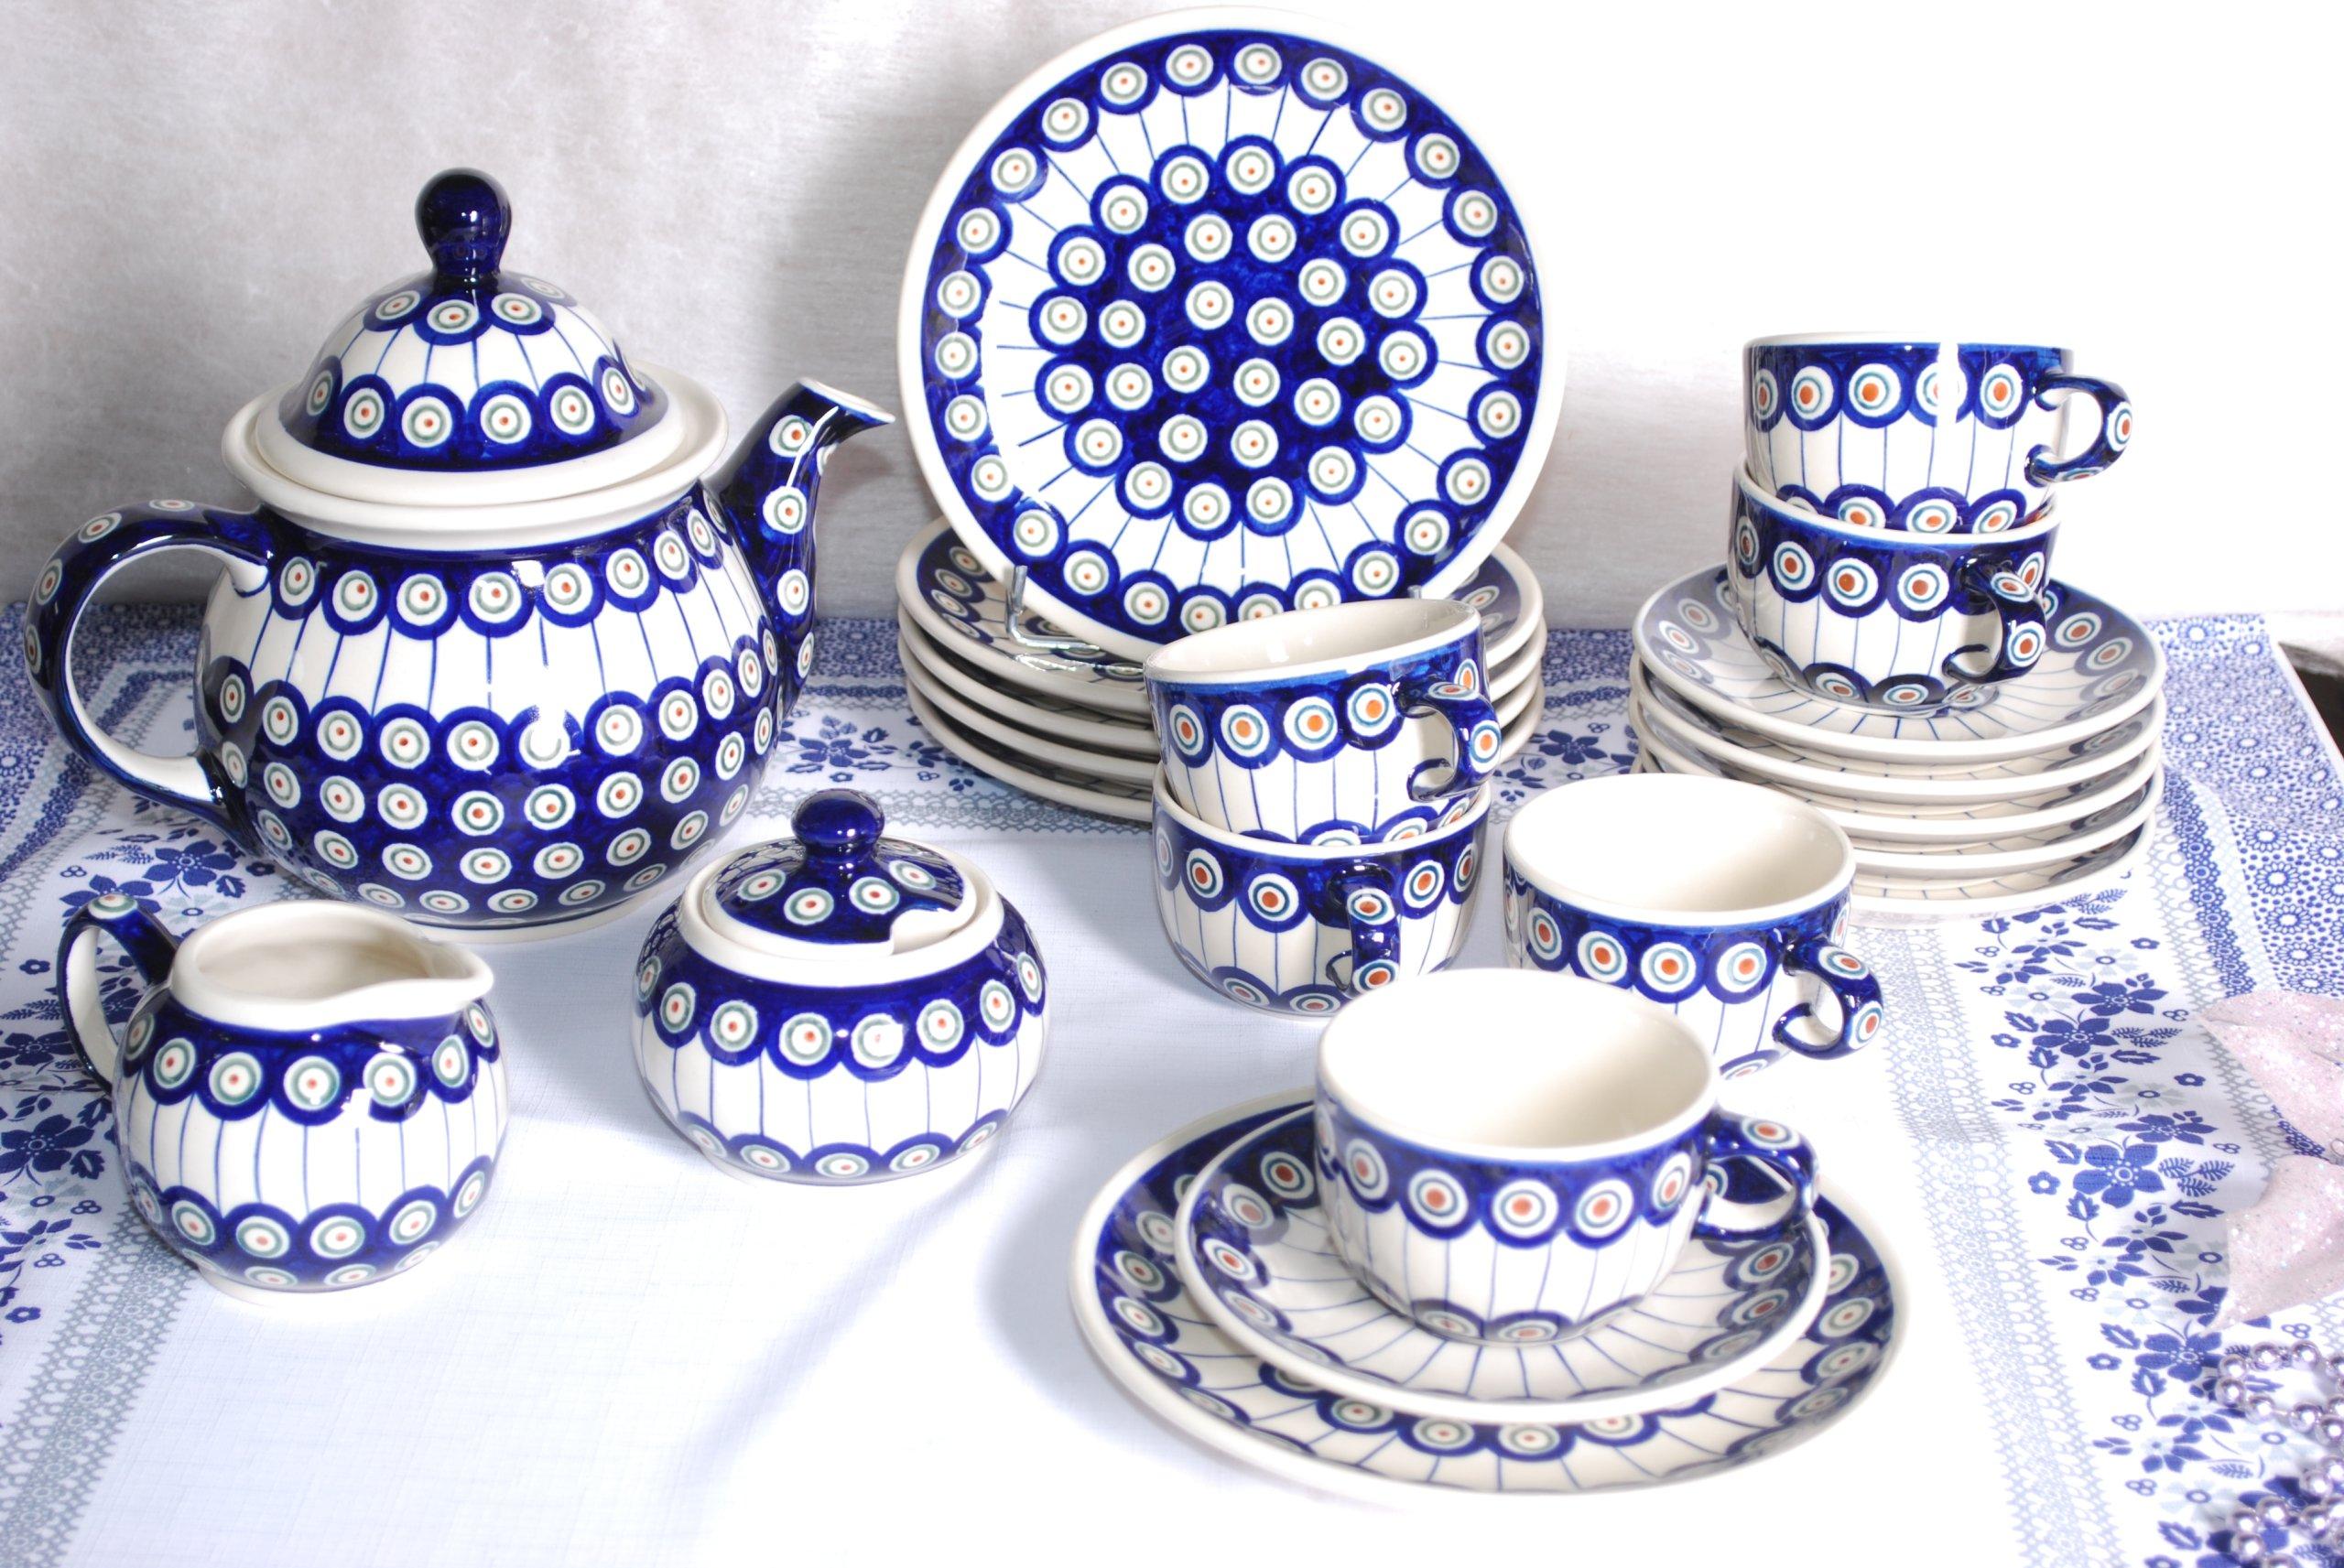 Ceramika Bolesławiec Komplet śniadaniowy Dla 4 Os 7307667199